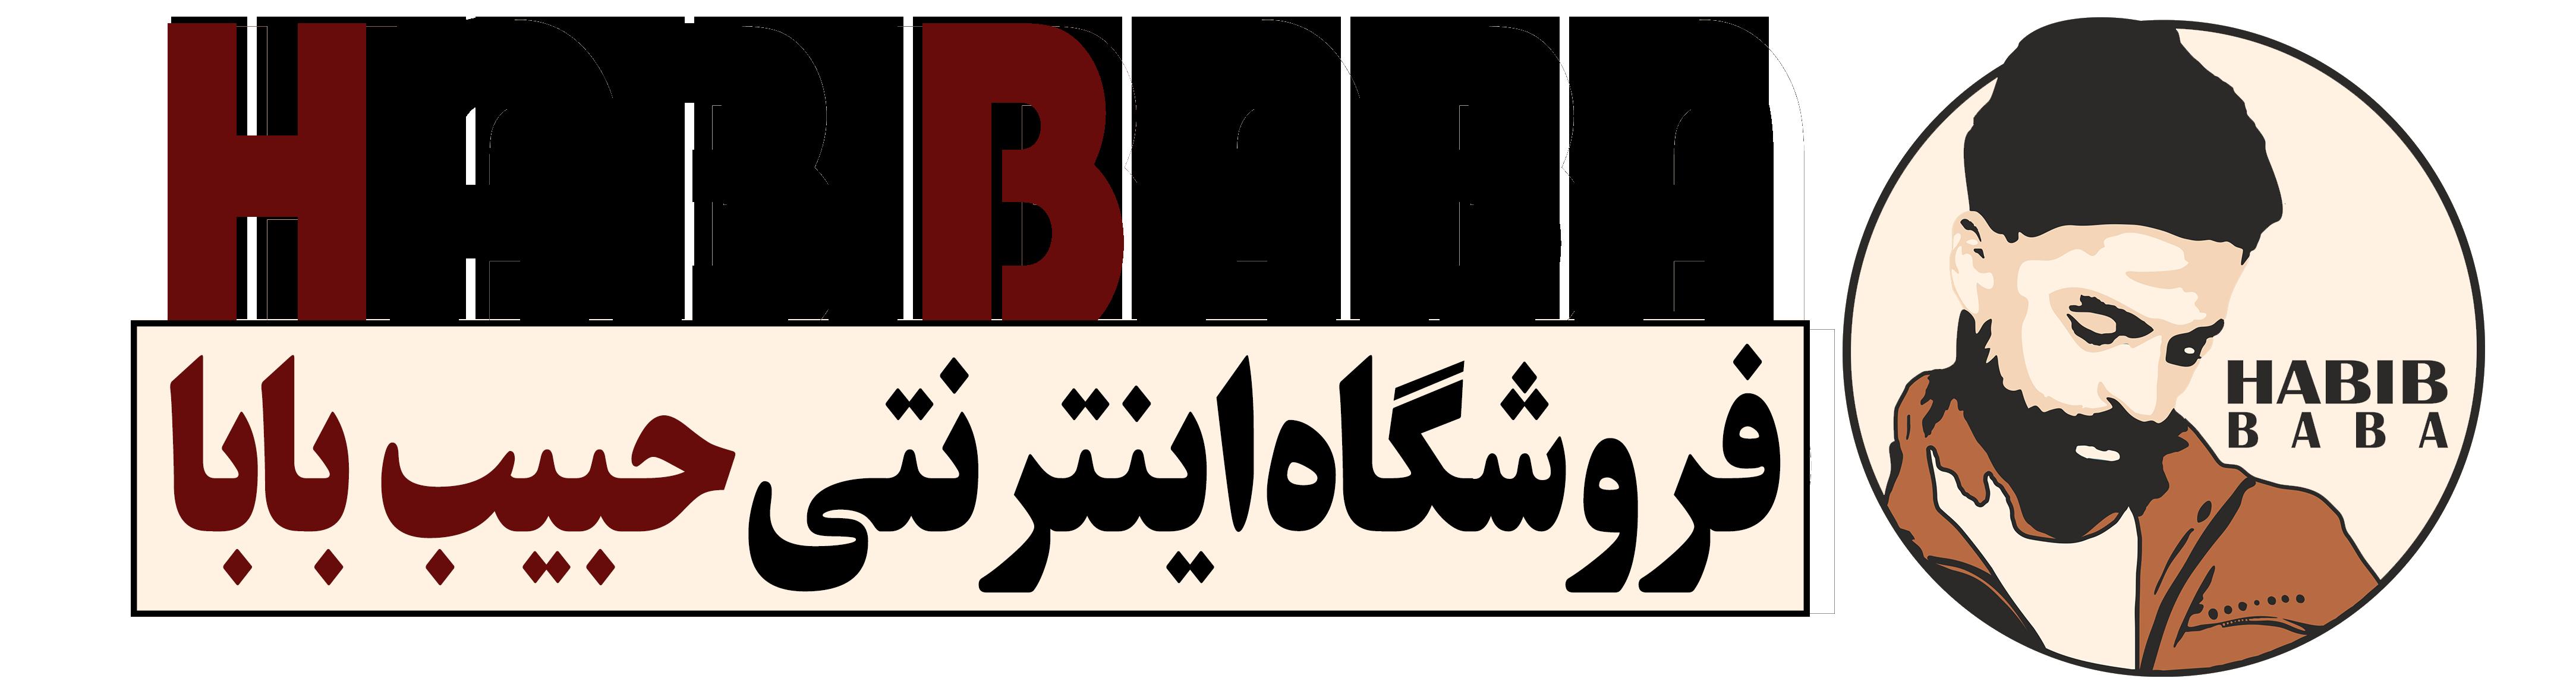 فروشگاه اینترنتی حبیب بابا | فروش لوازم جانبی موبایل ، کامپیوتر ، PS4